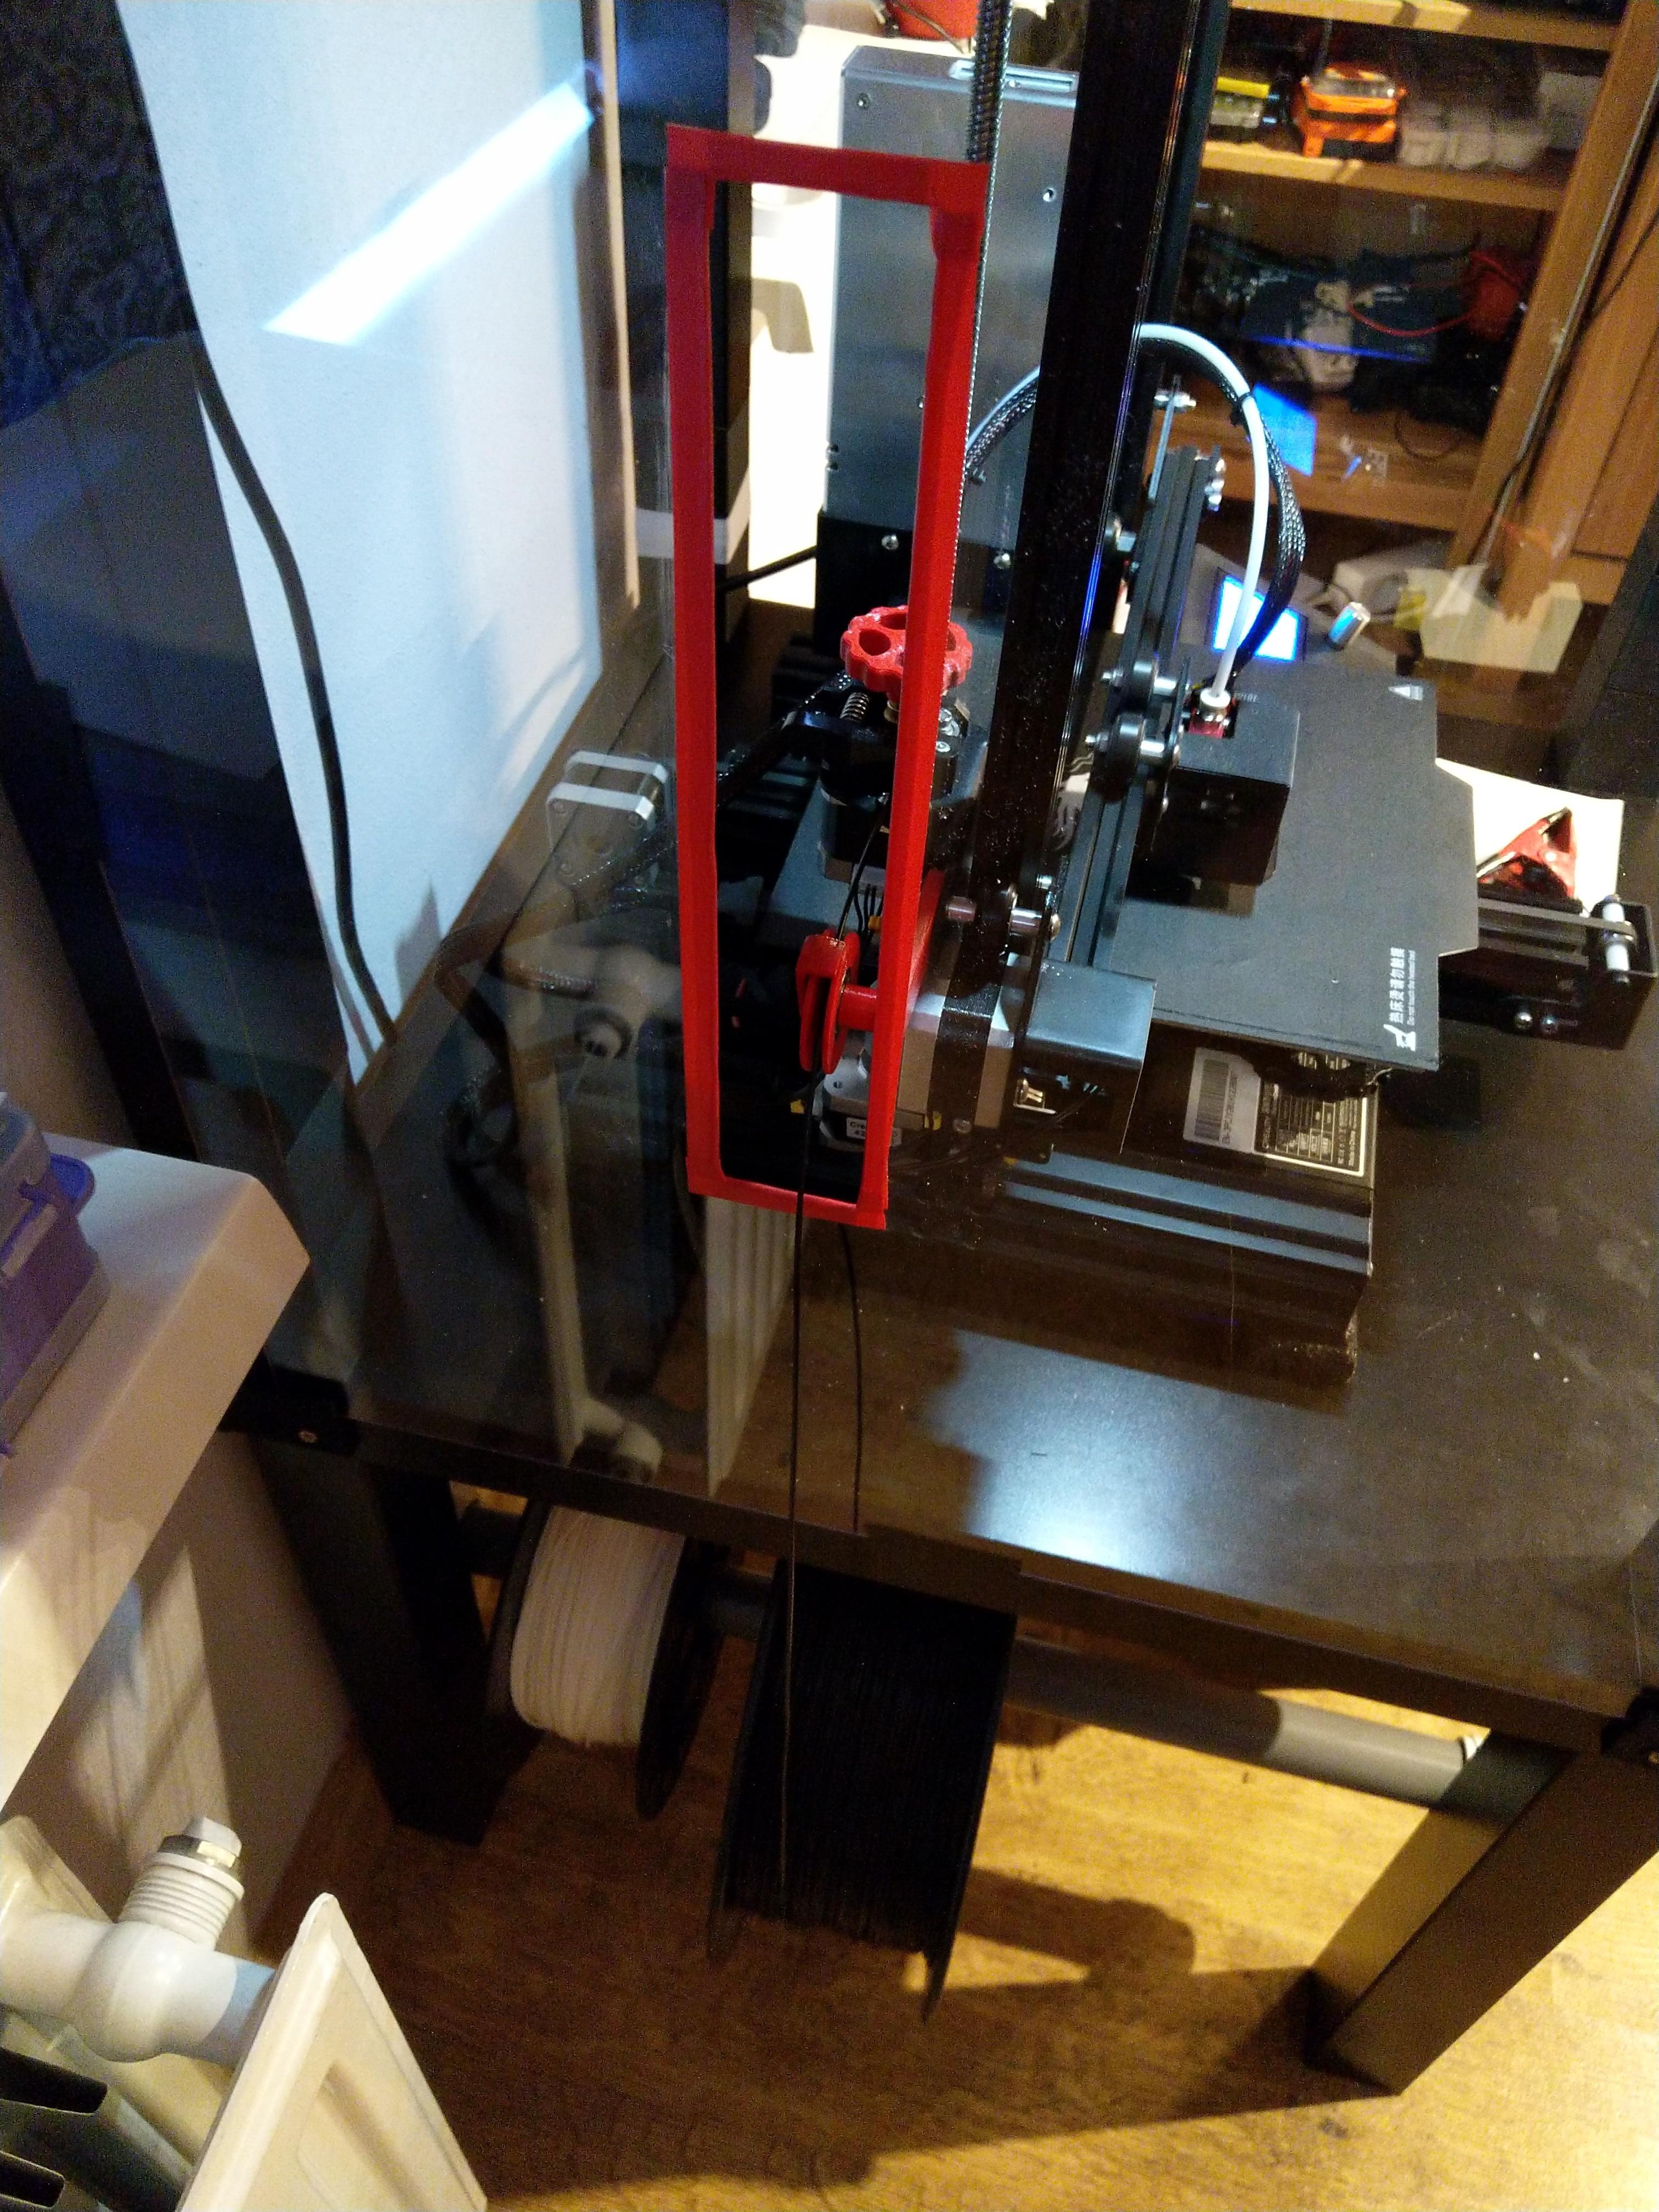 190515-IMG_20190515_160516.jpg Télécharger fichier STL gratuit Ikea manque de boîtier d'imprimante 3D • Plan pour impression 3D, Milan_Gajic